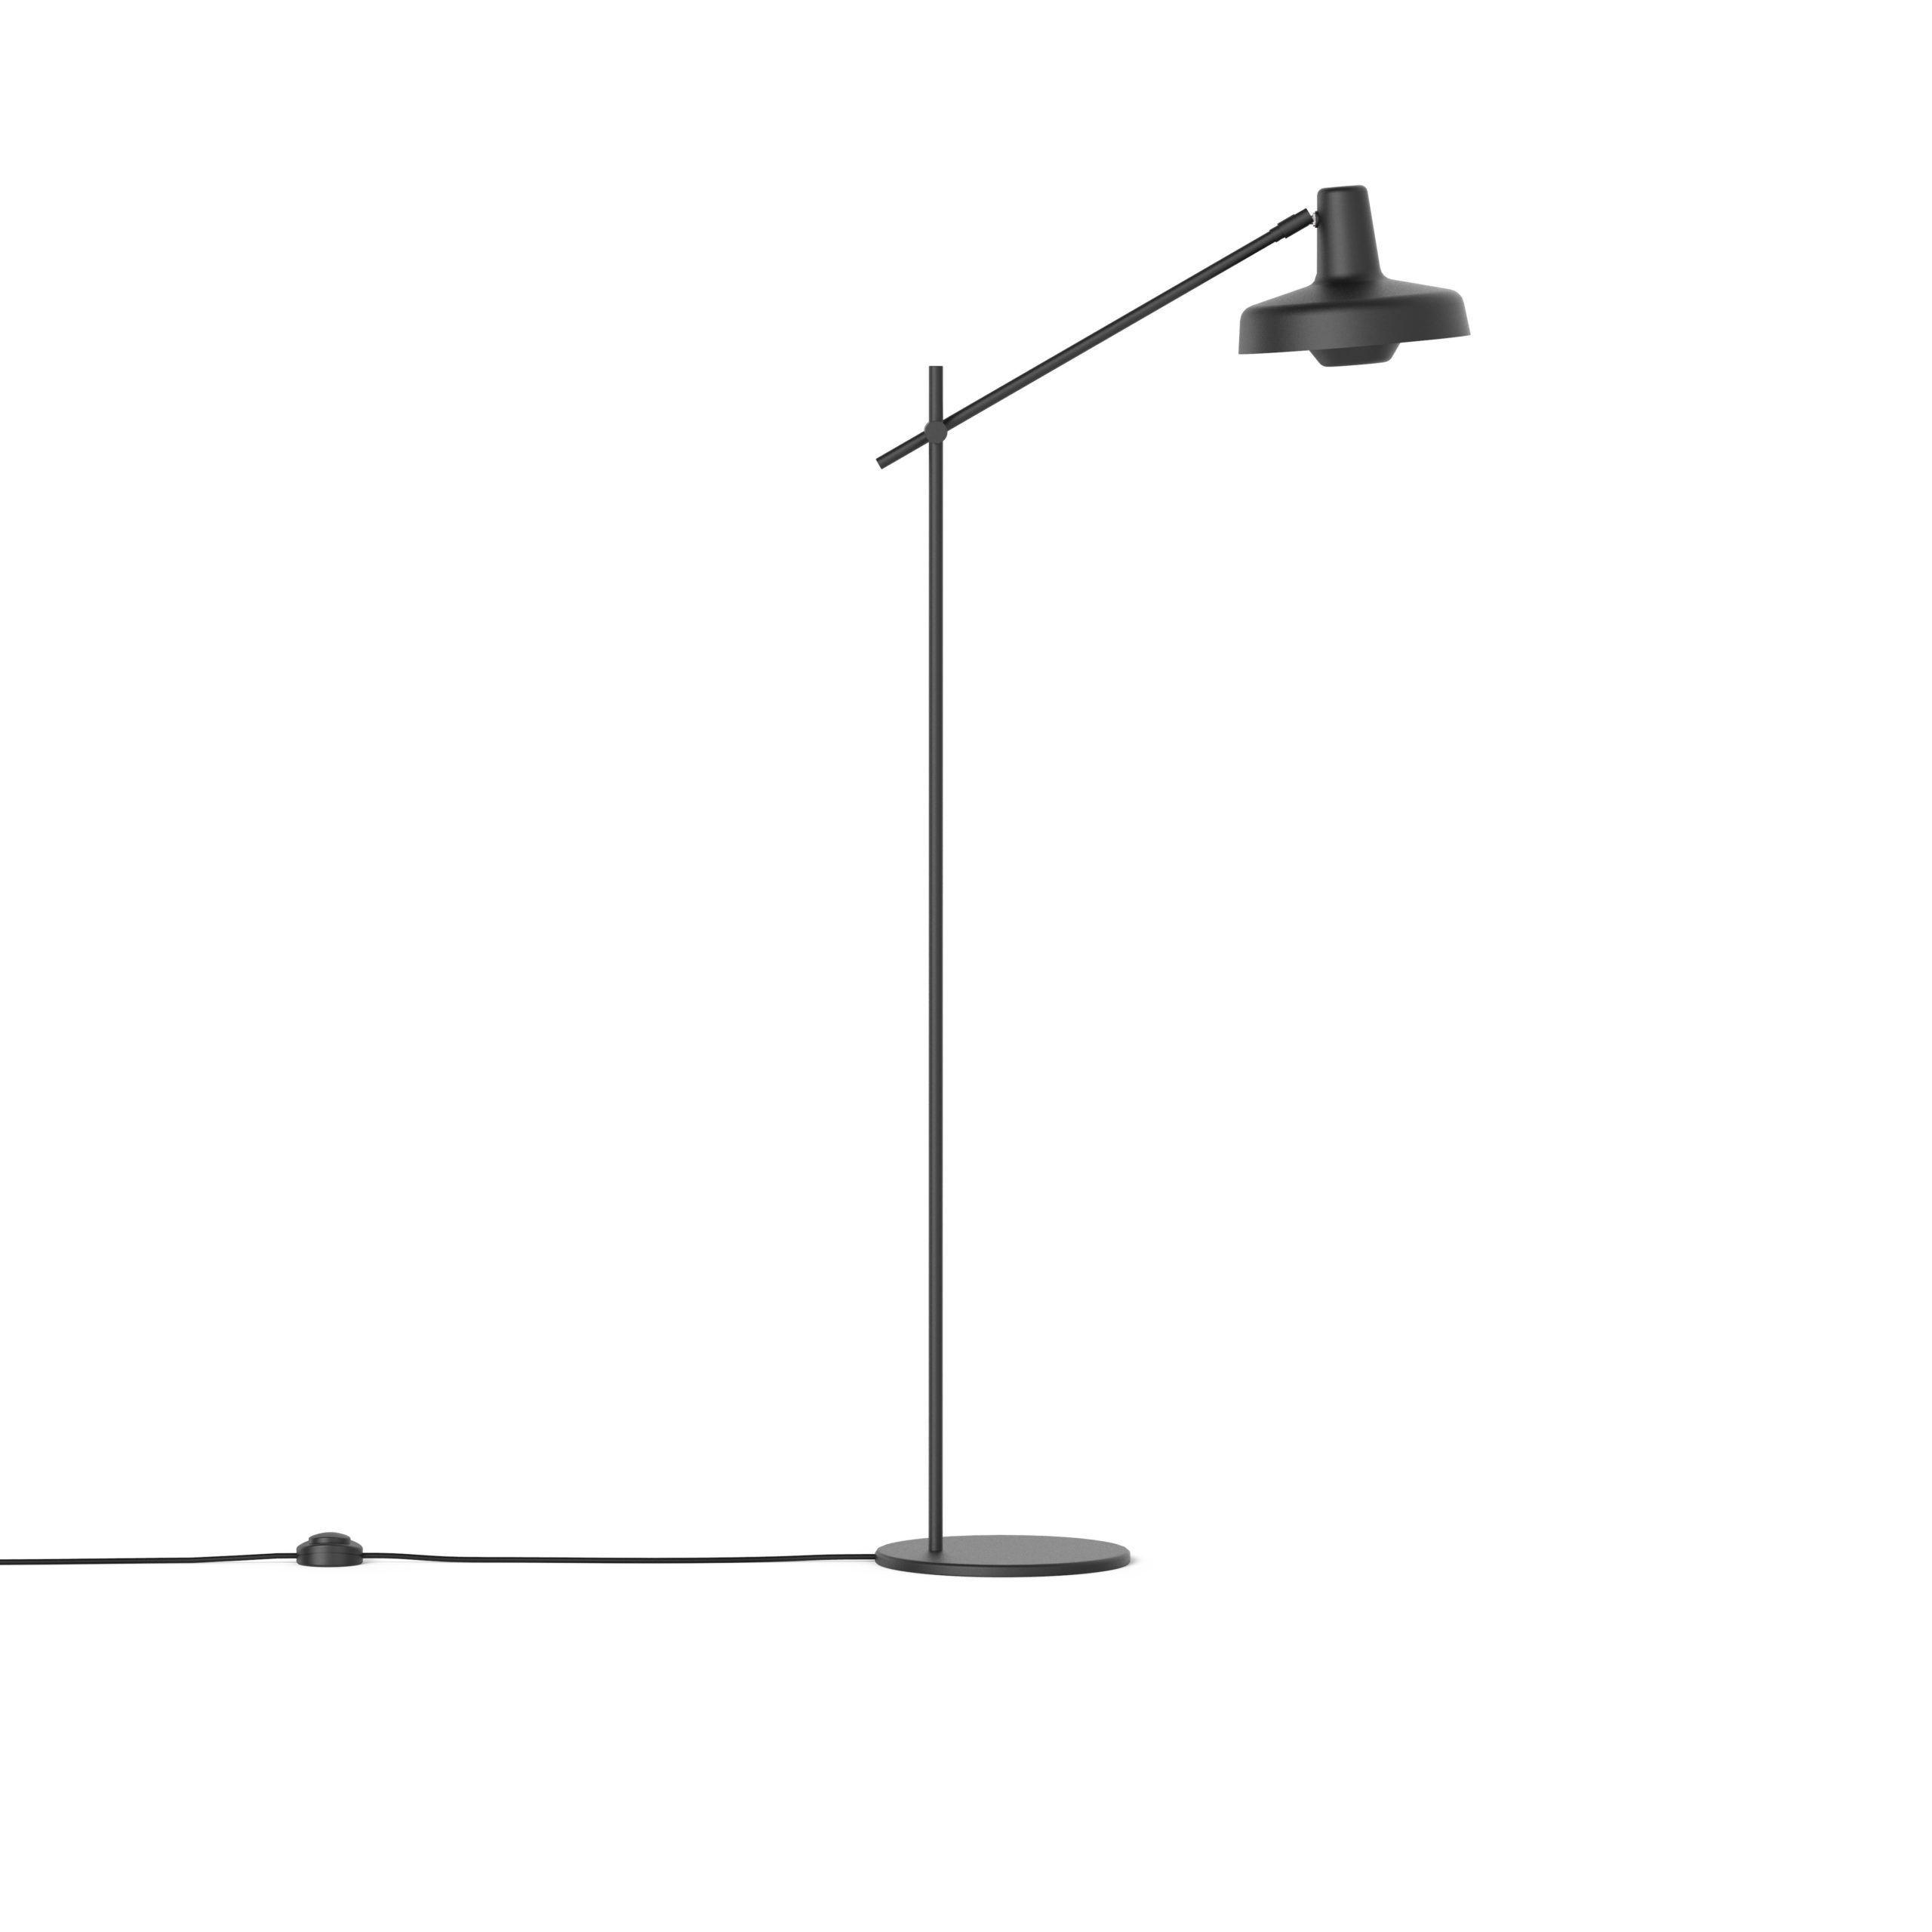 Lampa podłogowa Arigato Palace - czarna, nowoczesna